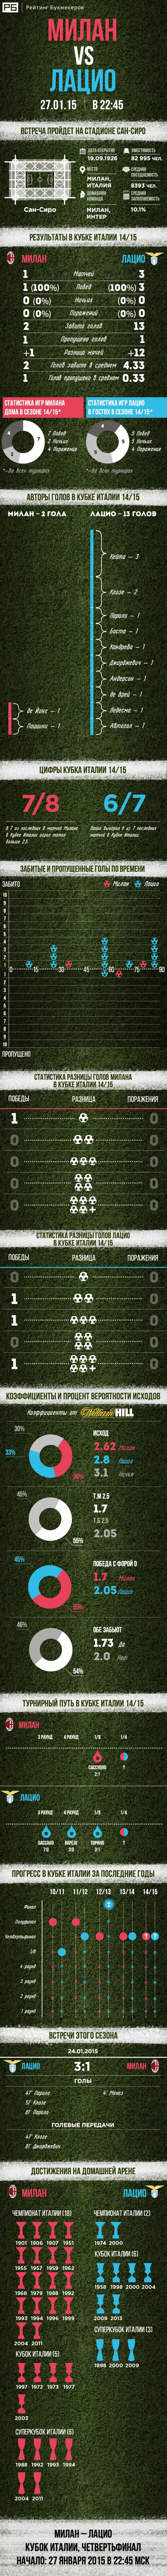 [инфографика] Статистика для матча «Милан» — «Лацио» от «Рейтинга Букмекеров»